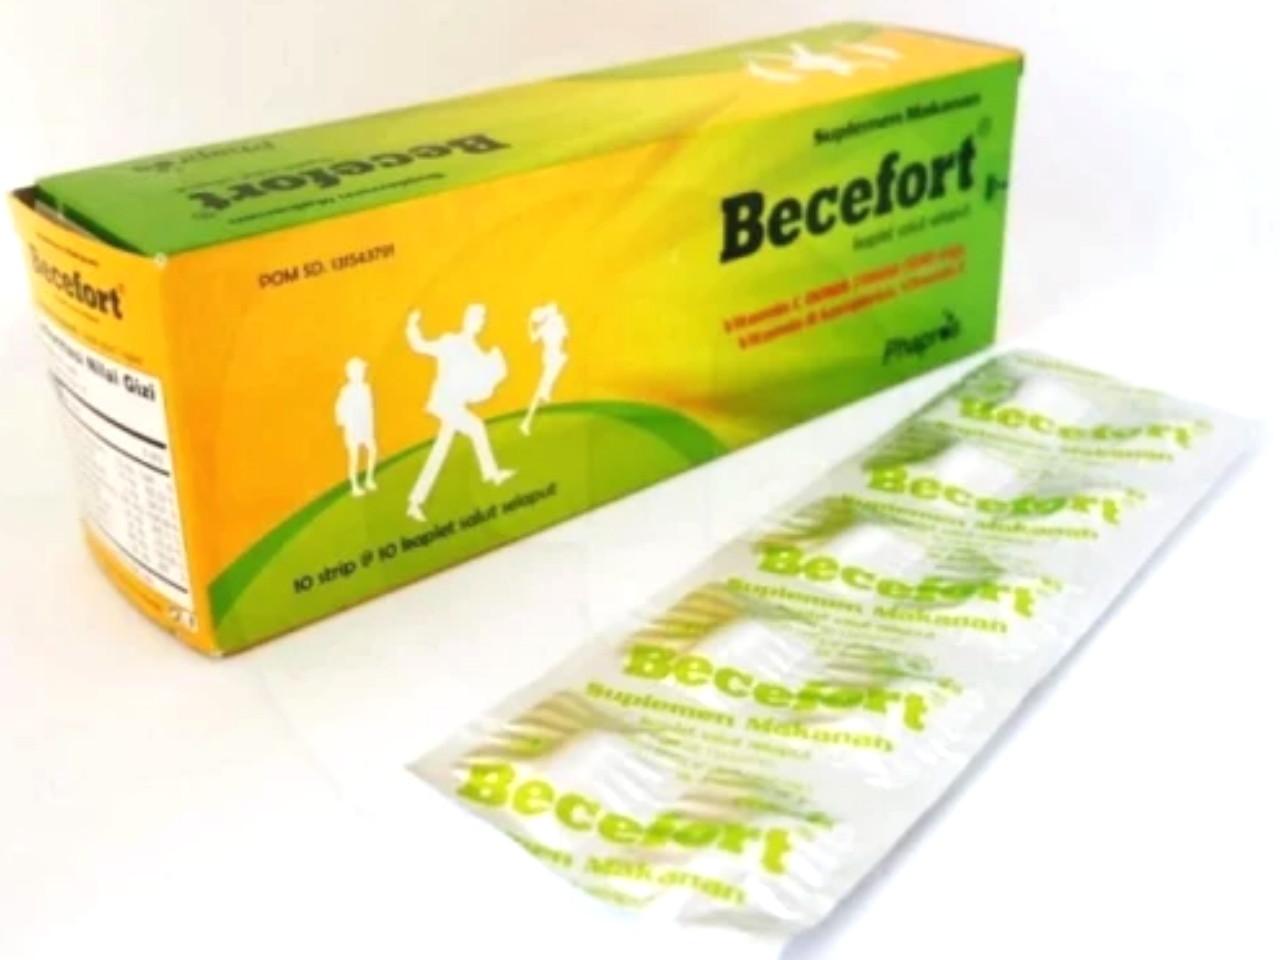 Becefort Obat Apa